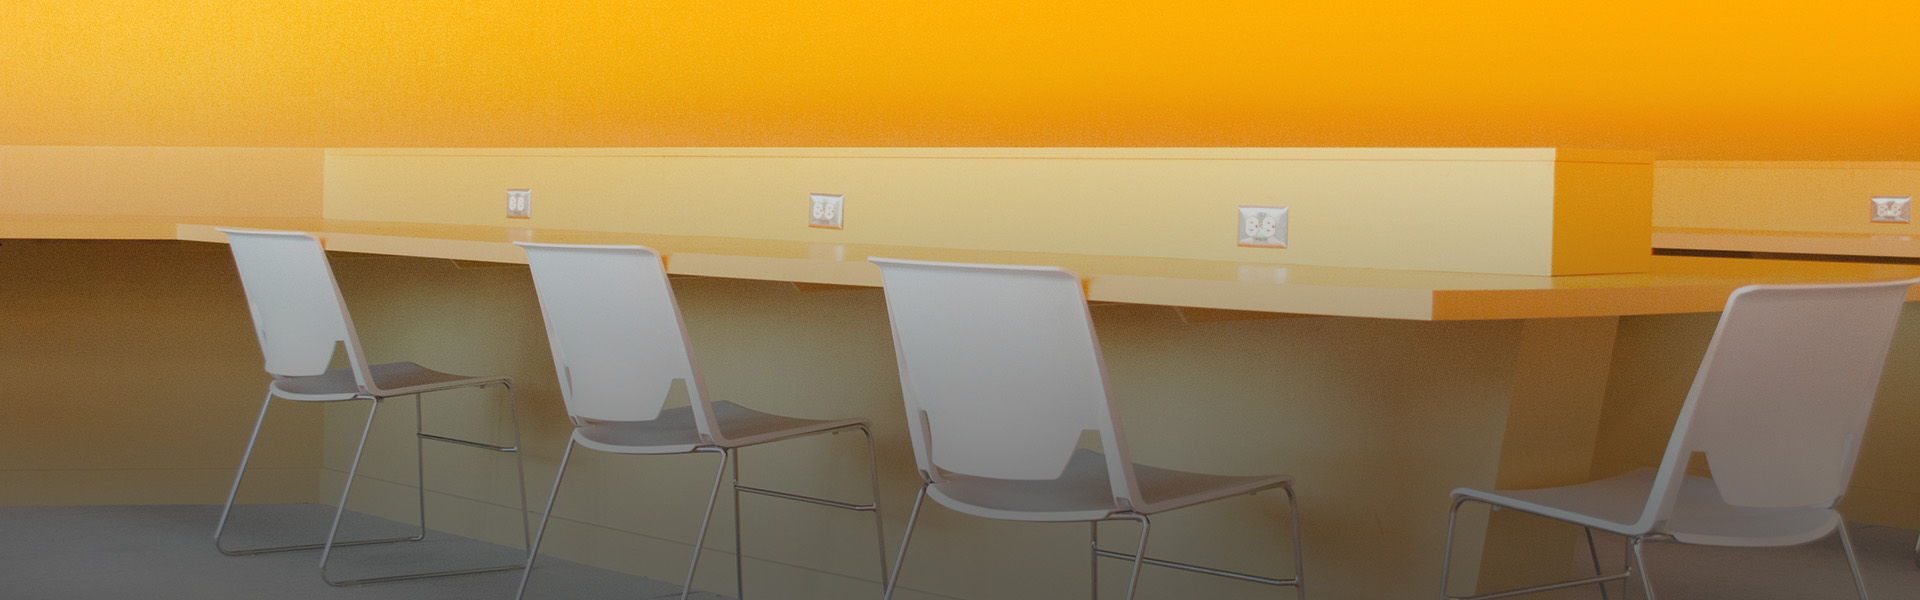 Choisir le bon espace de travail pour votre entreprise avec Hub-Grade